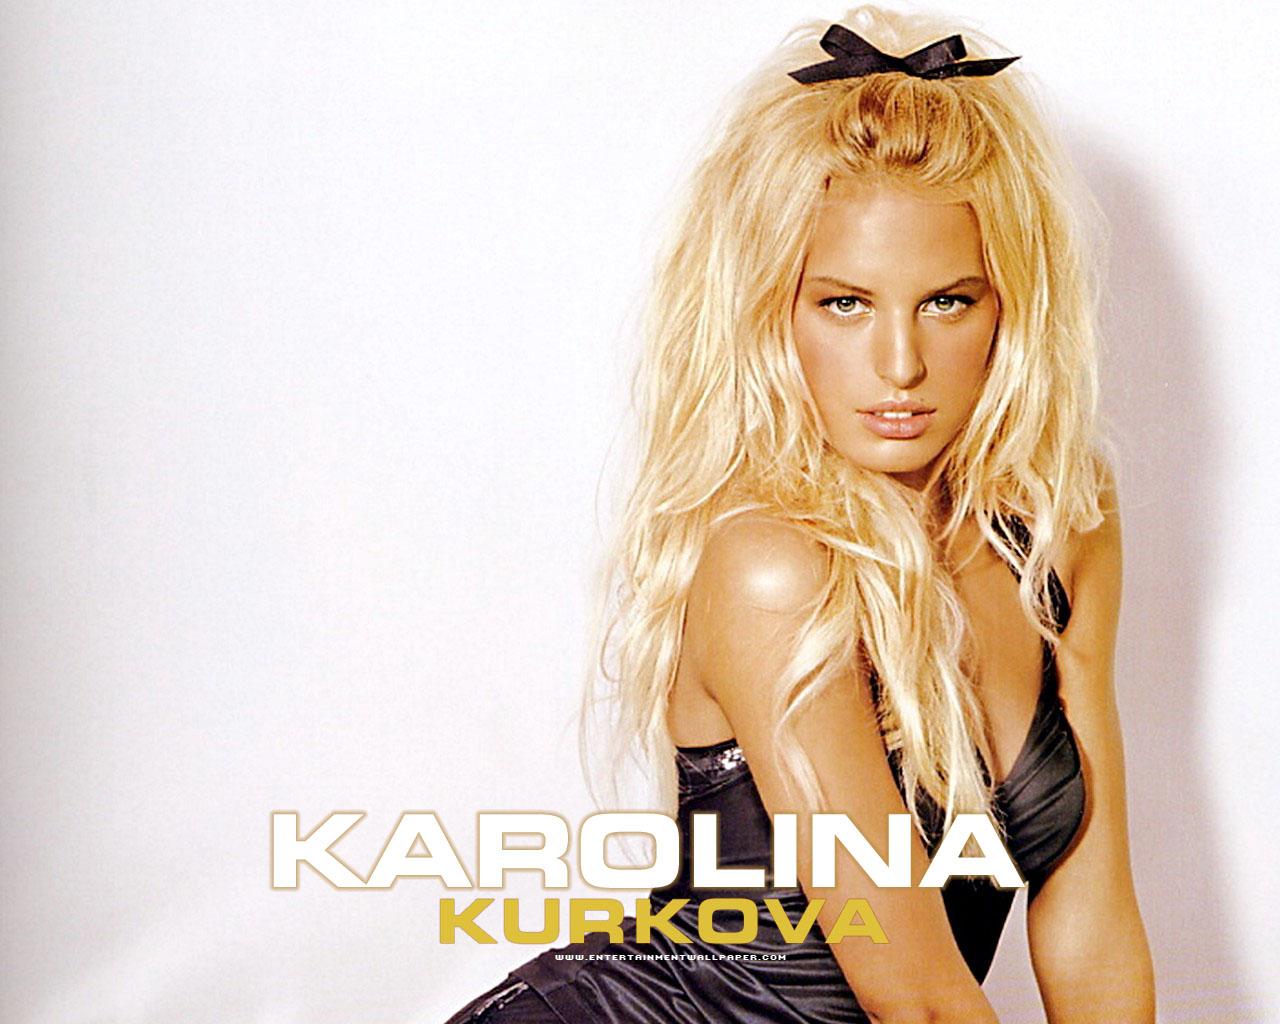 Karolina Kurkova's quote #3